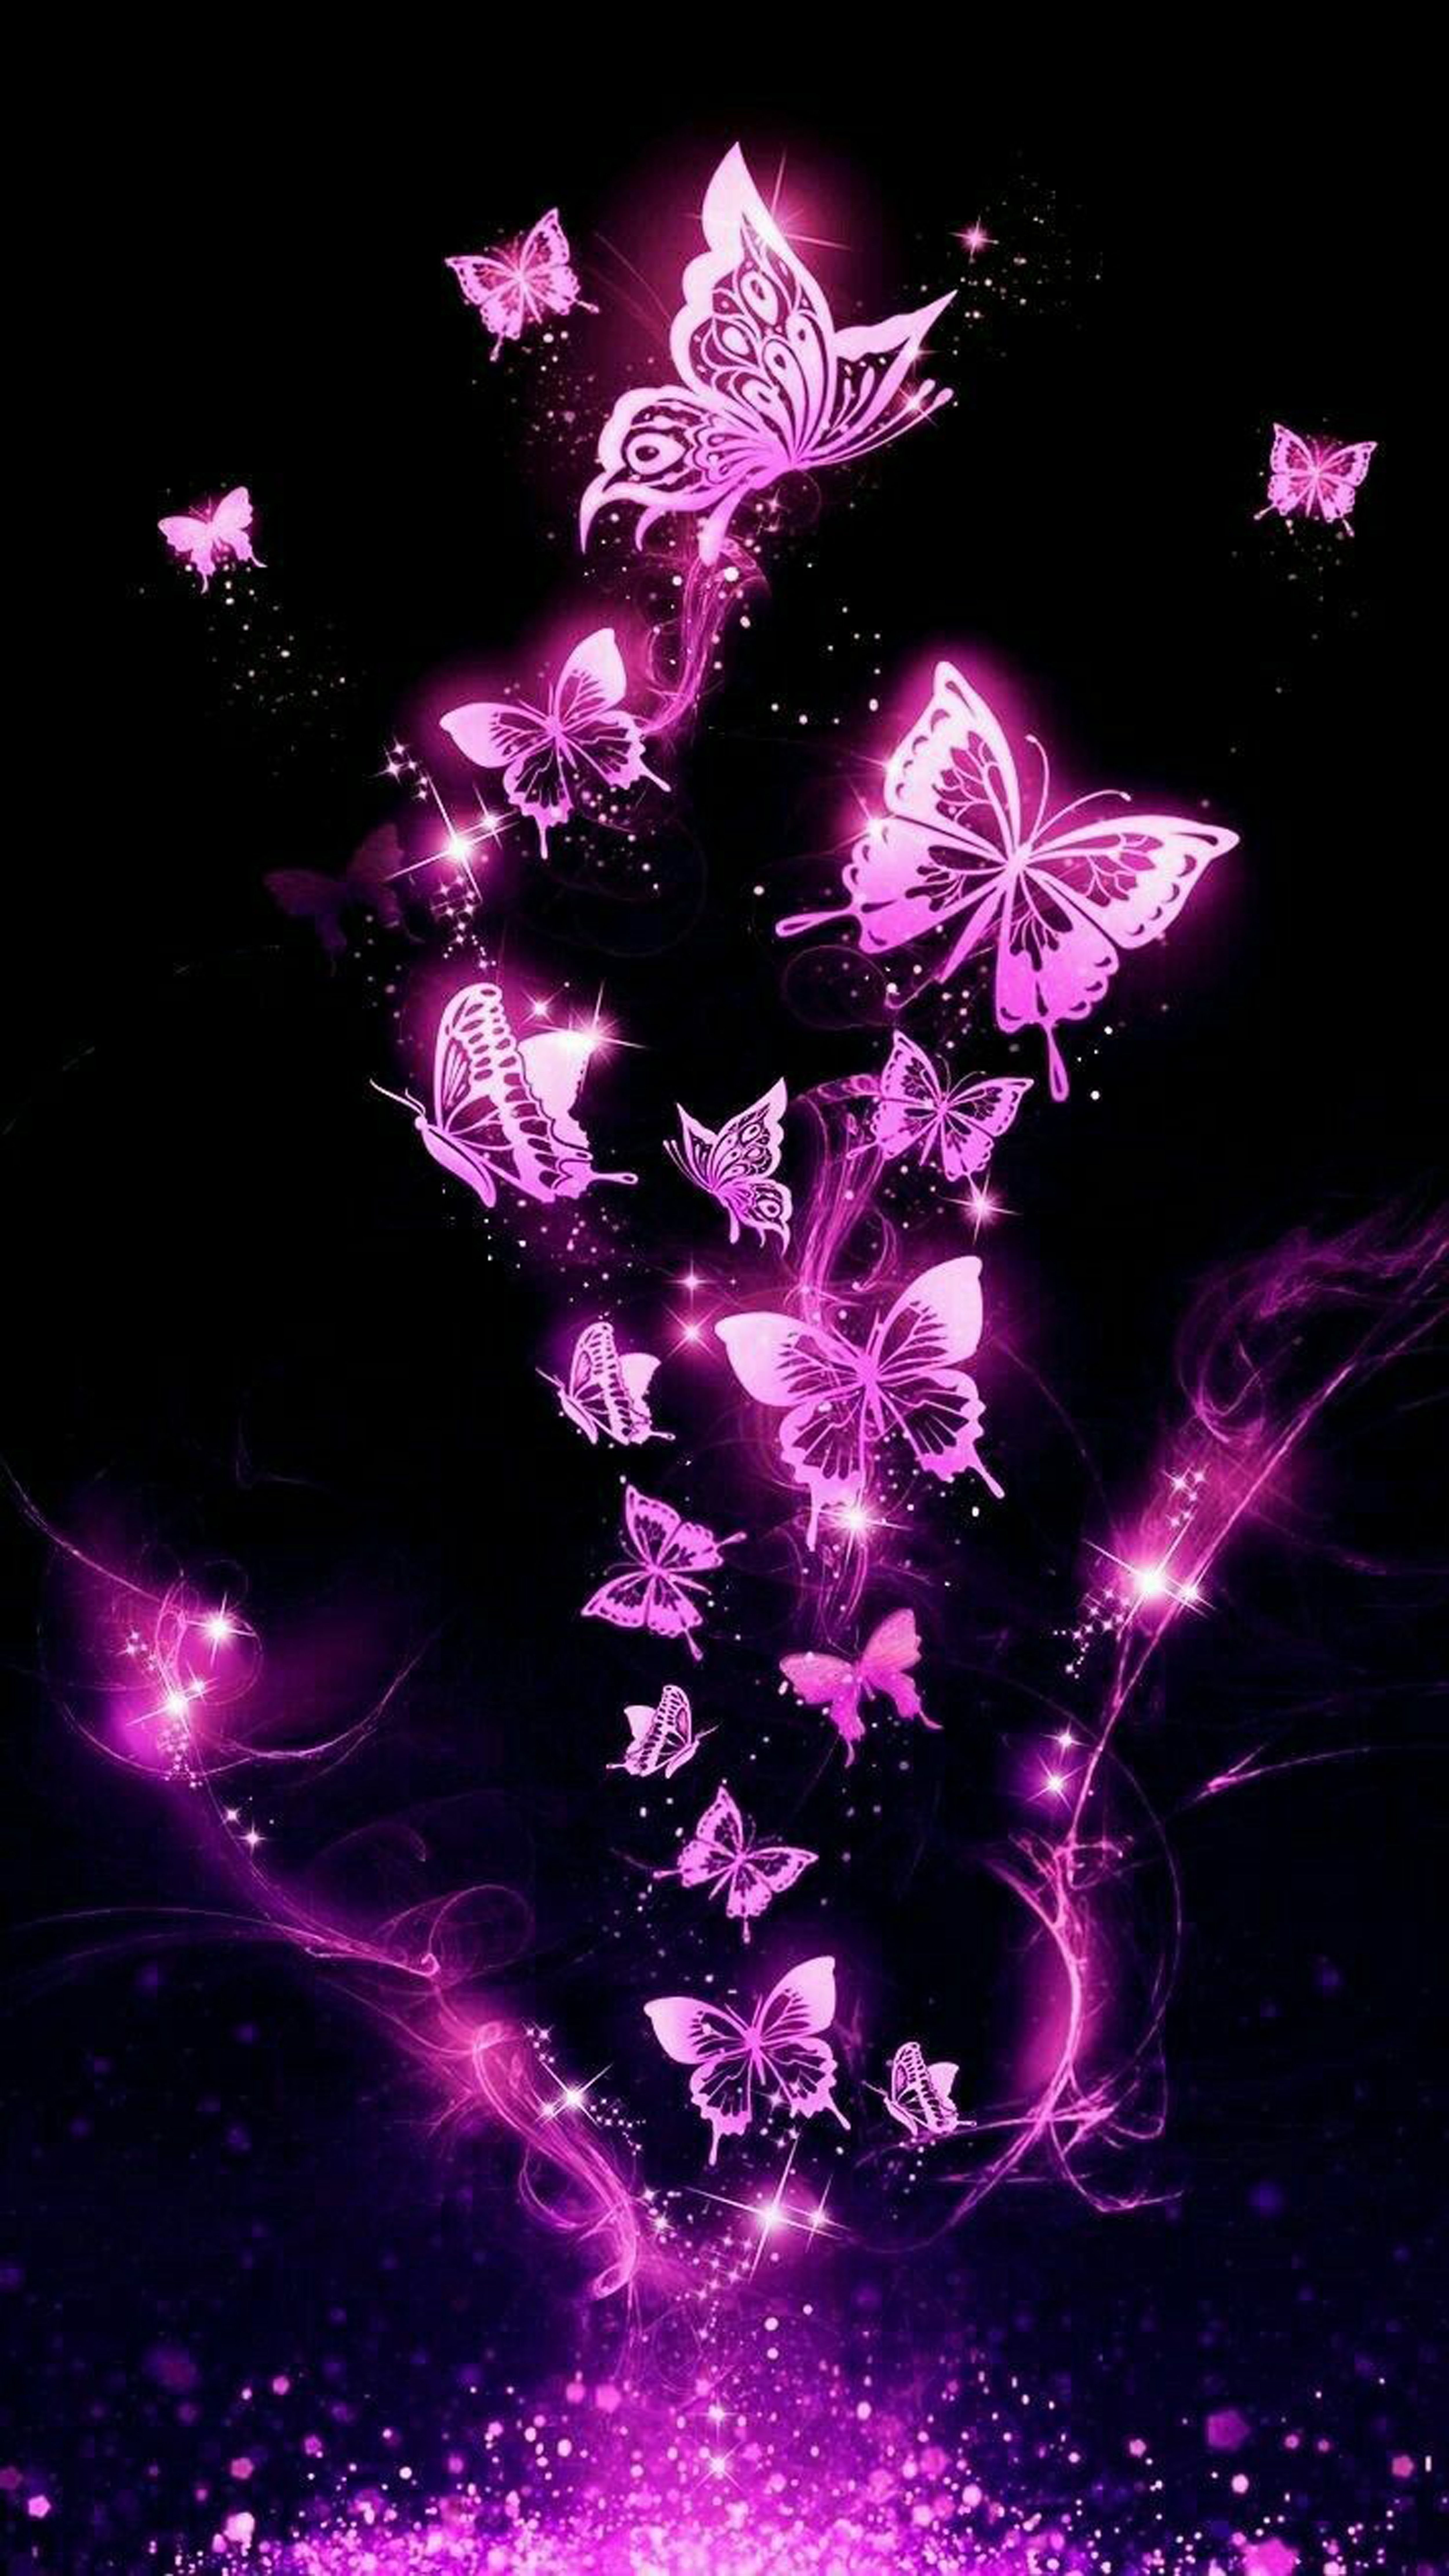 Resumen de diseño in 2020 | Purple butterfly wallpaper ...